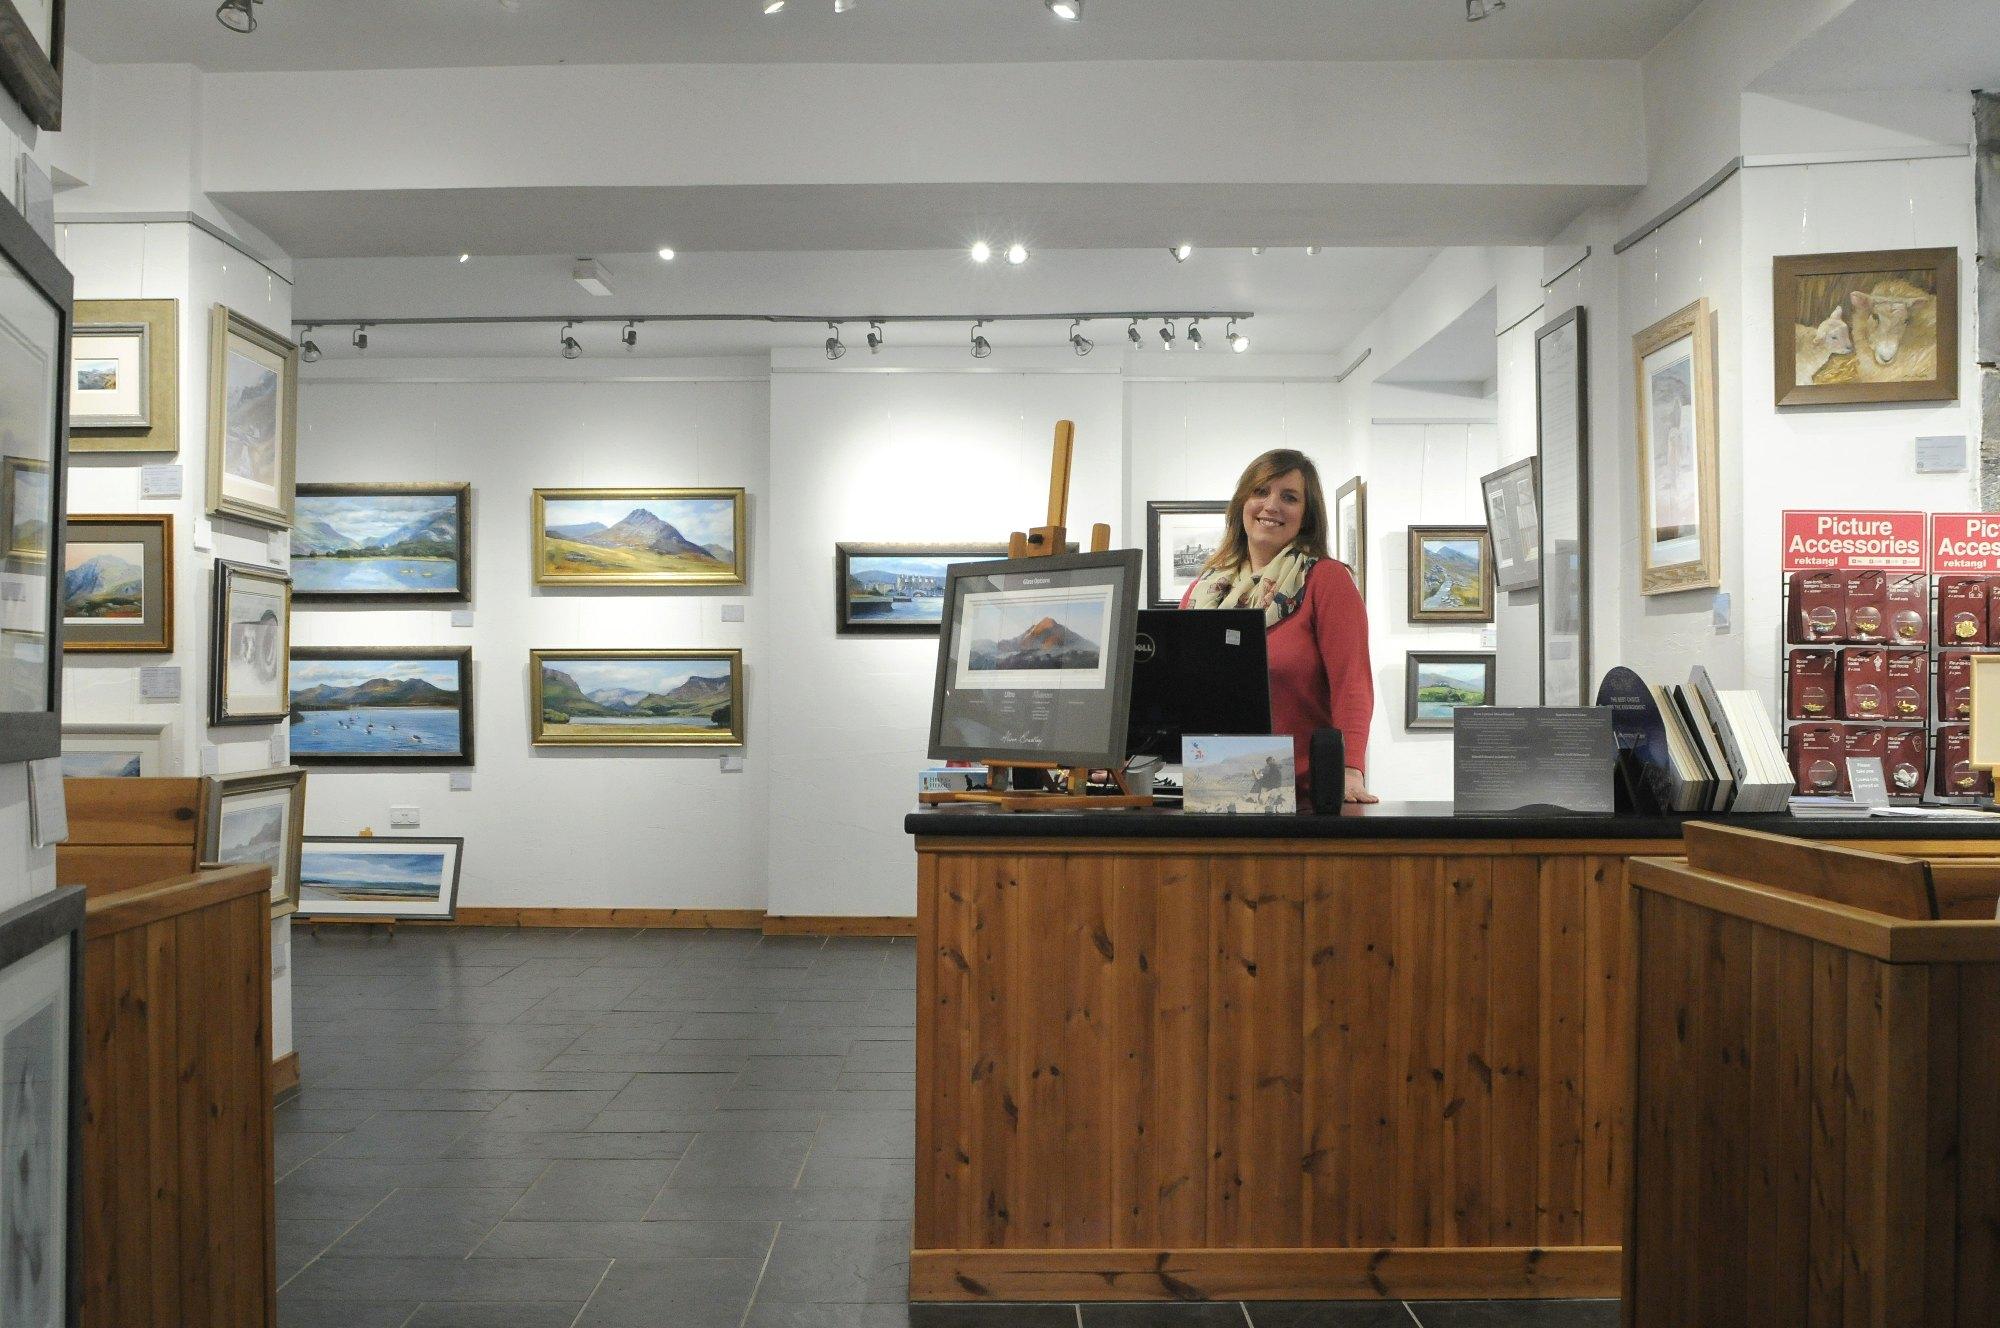 Alison Bradley Gallery Betws-y-coed